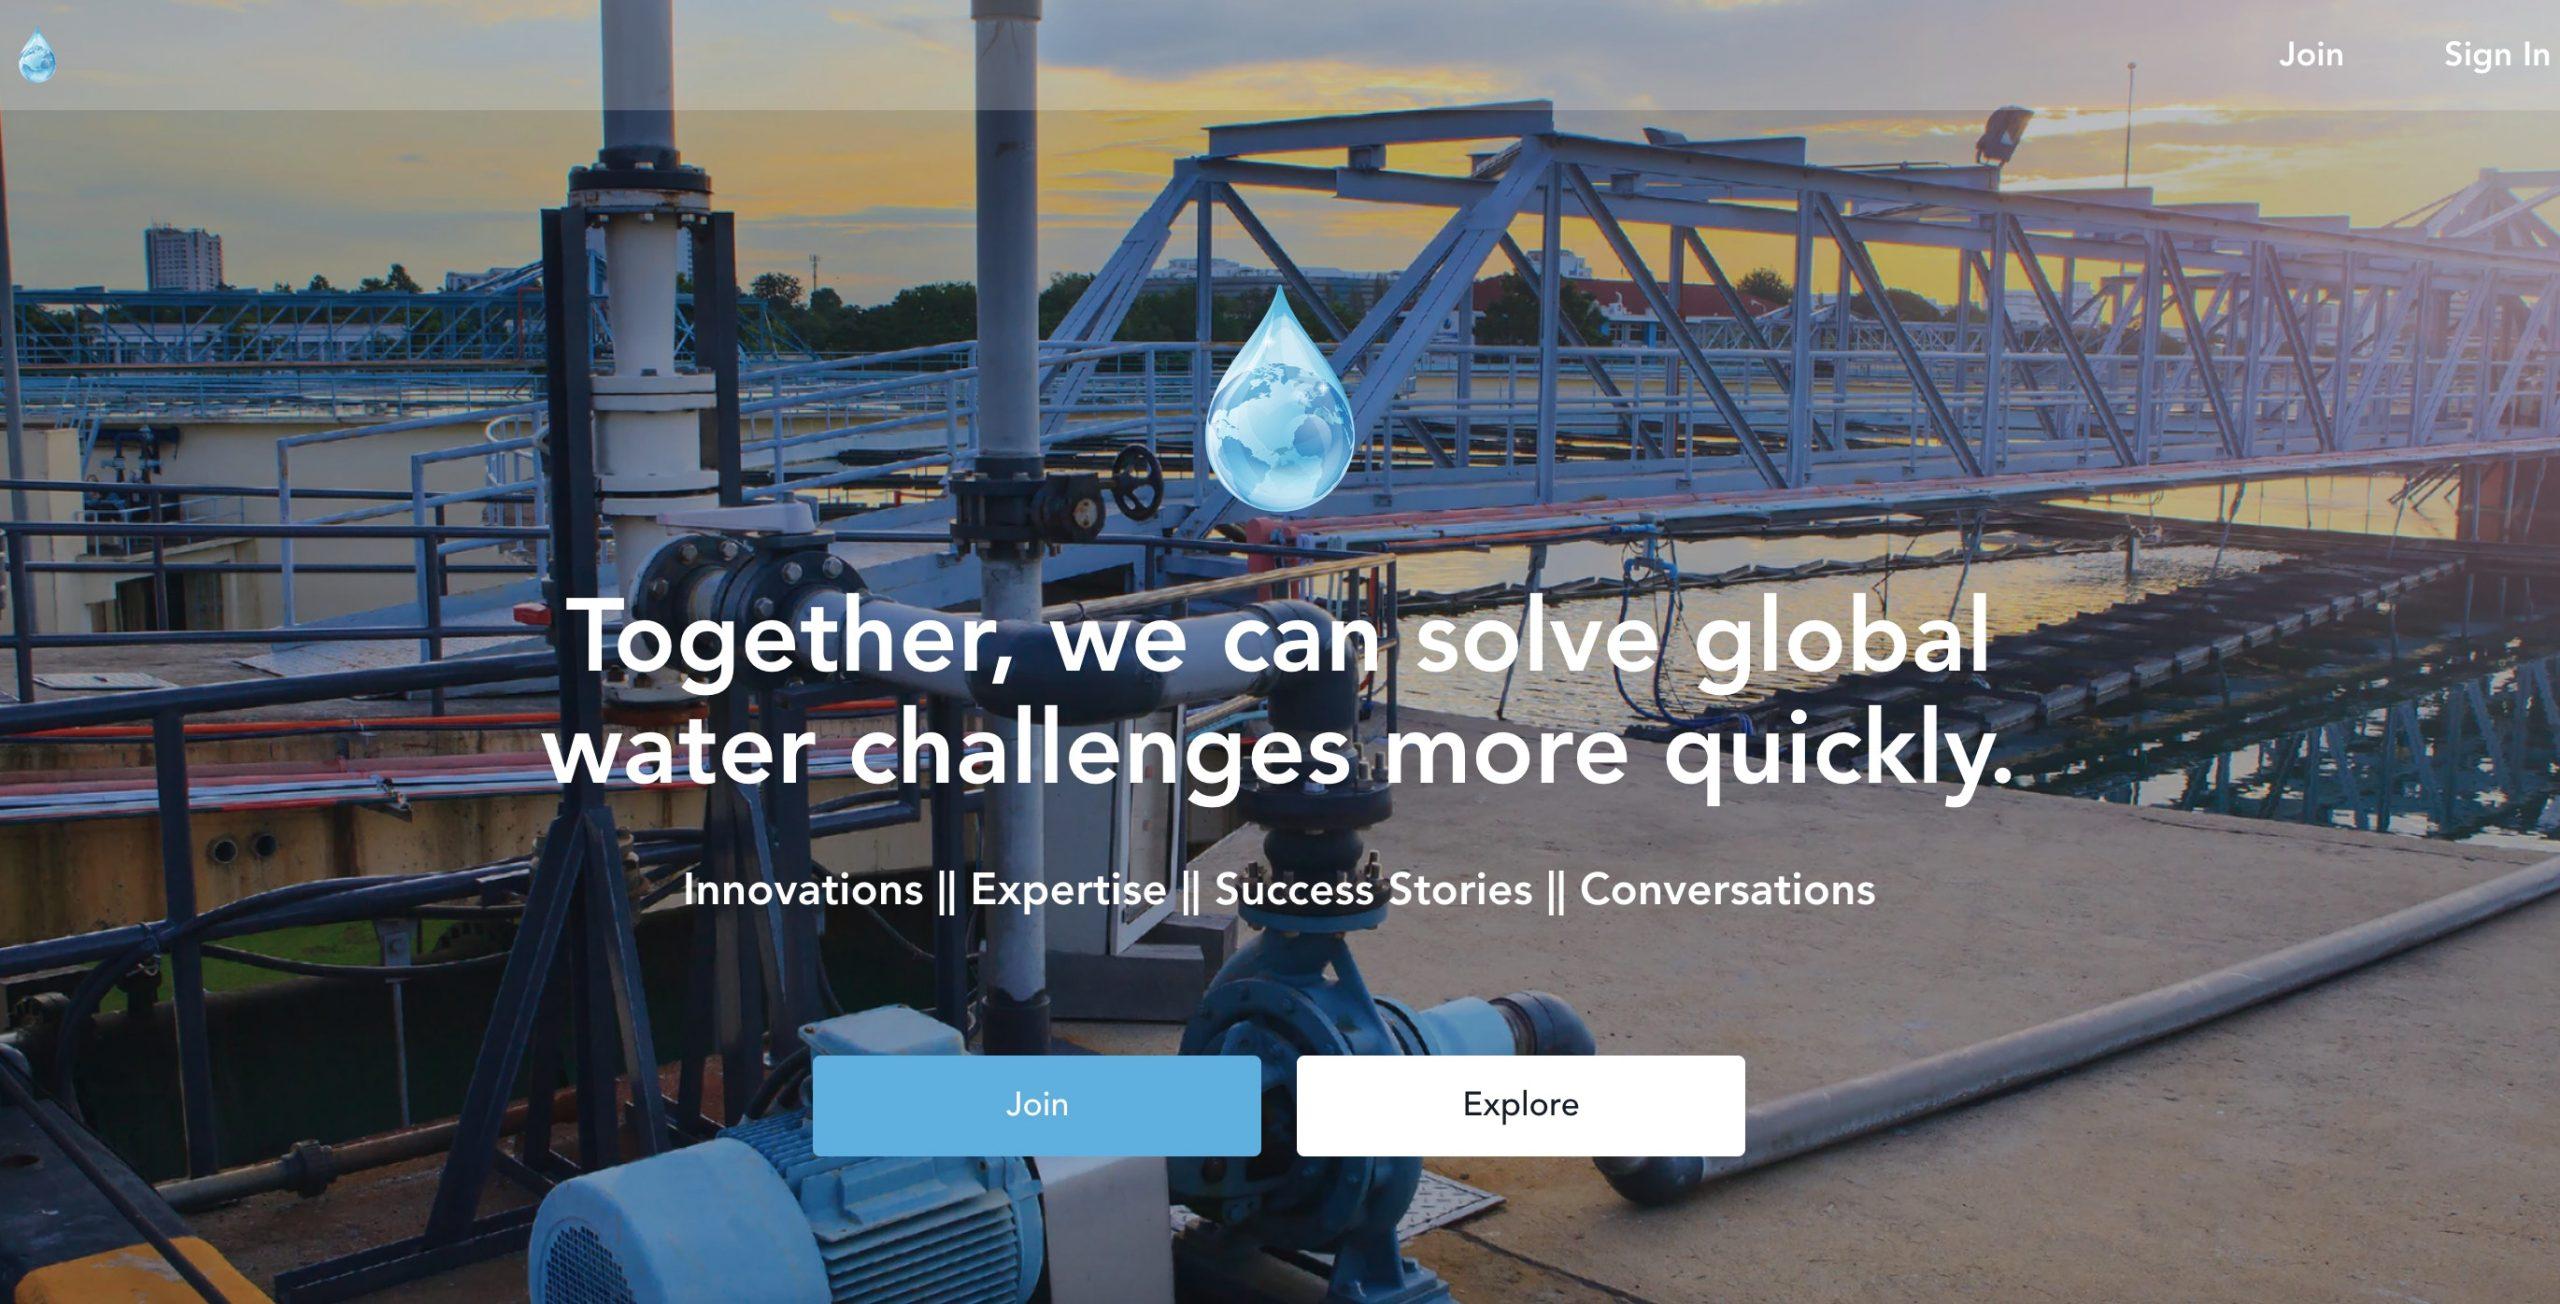 Global Water Works Community